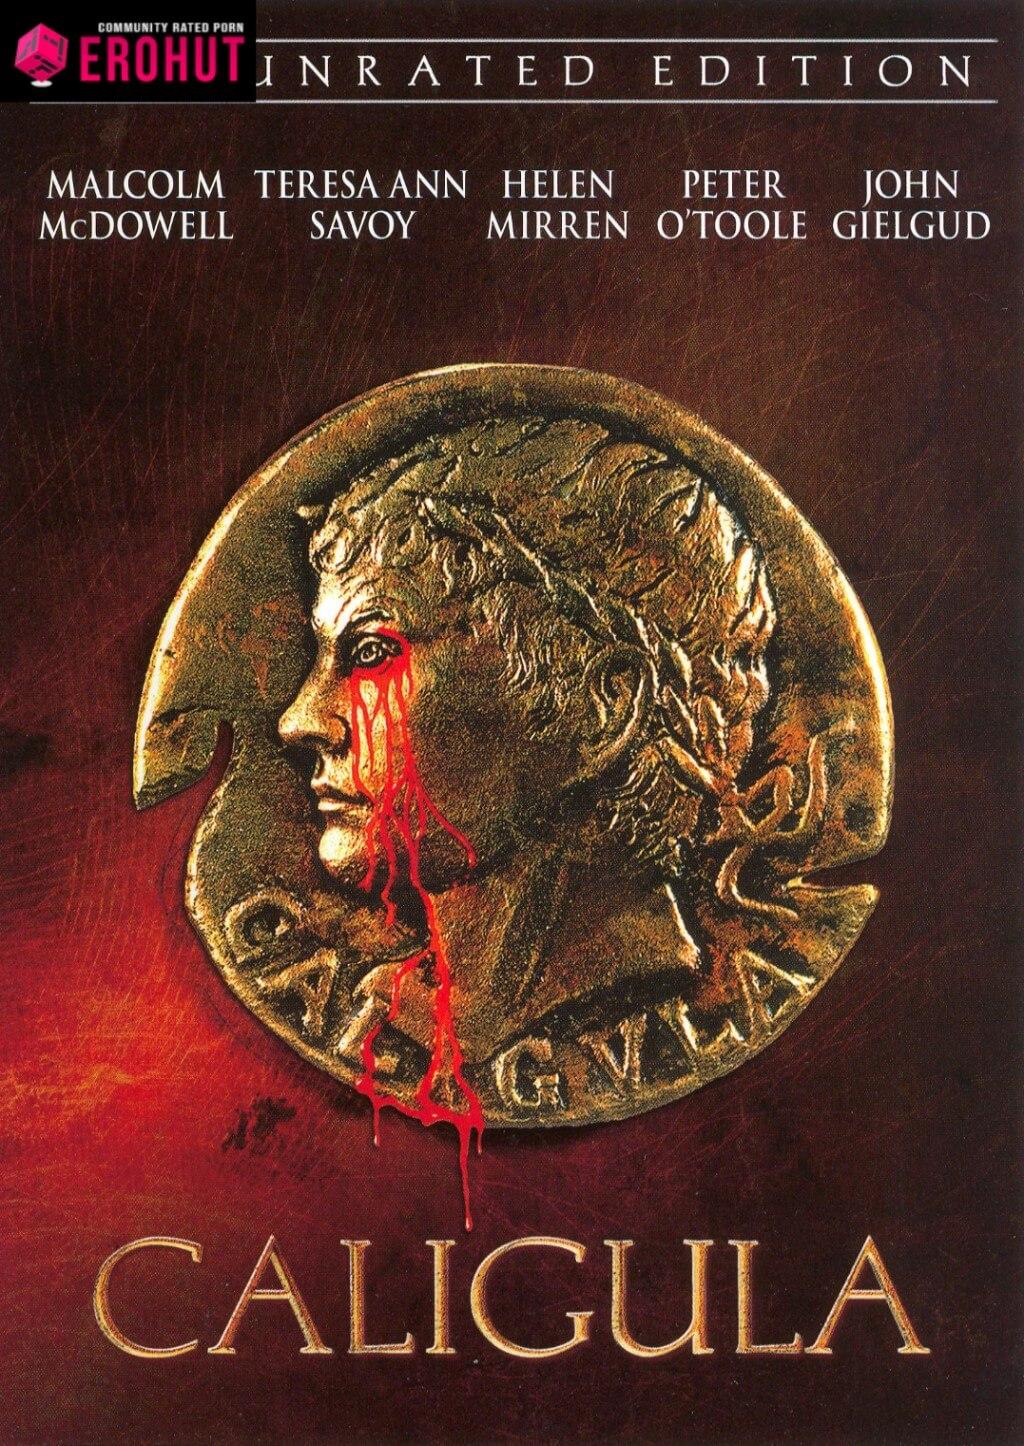 Caligula (1979) Sex Scene